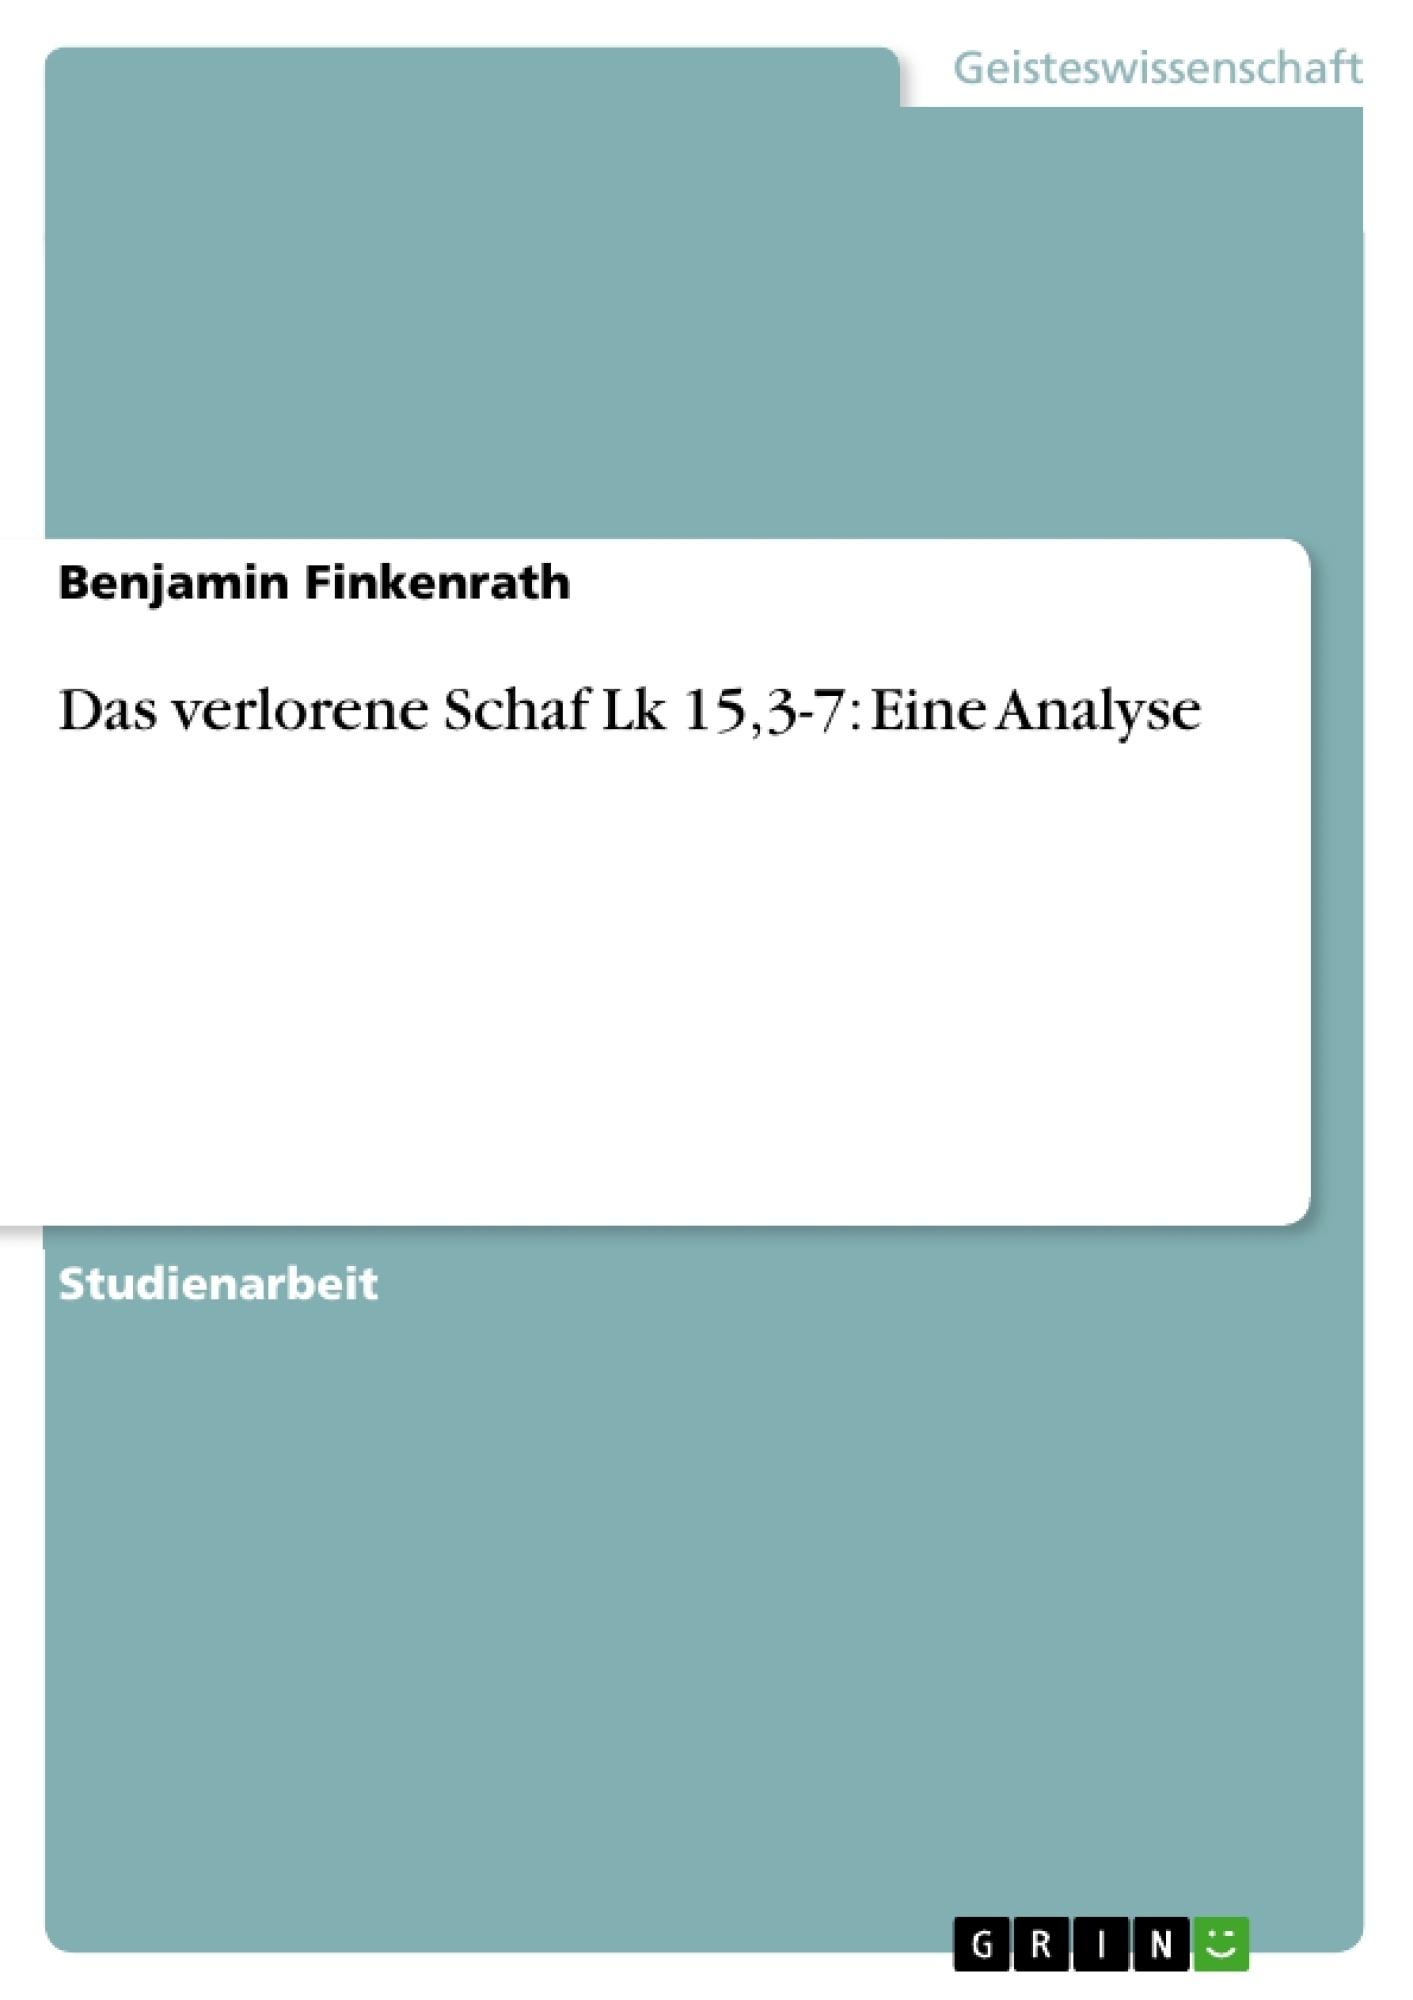 Titel: Das verlorene Schaf Lk 15,3-7: Eine Analyse